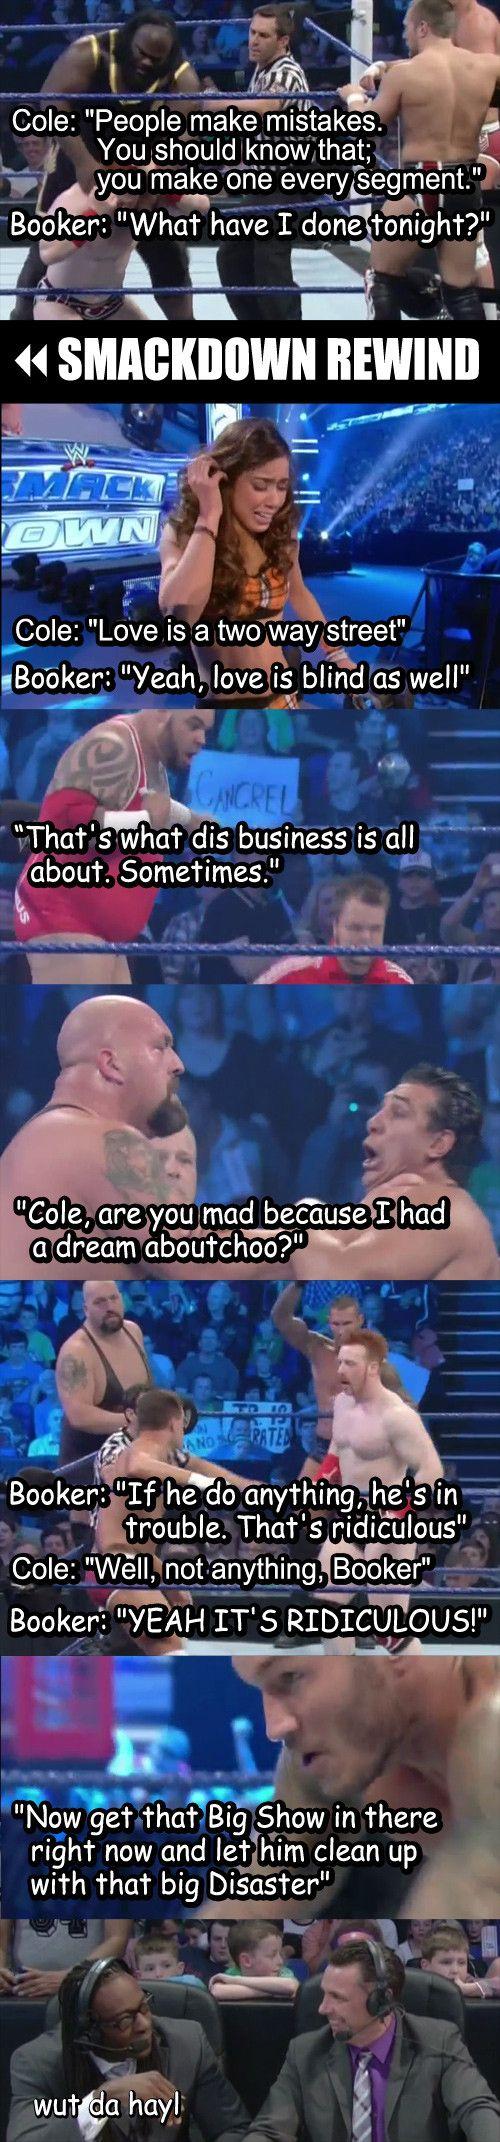 I love Booker's nonsense.